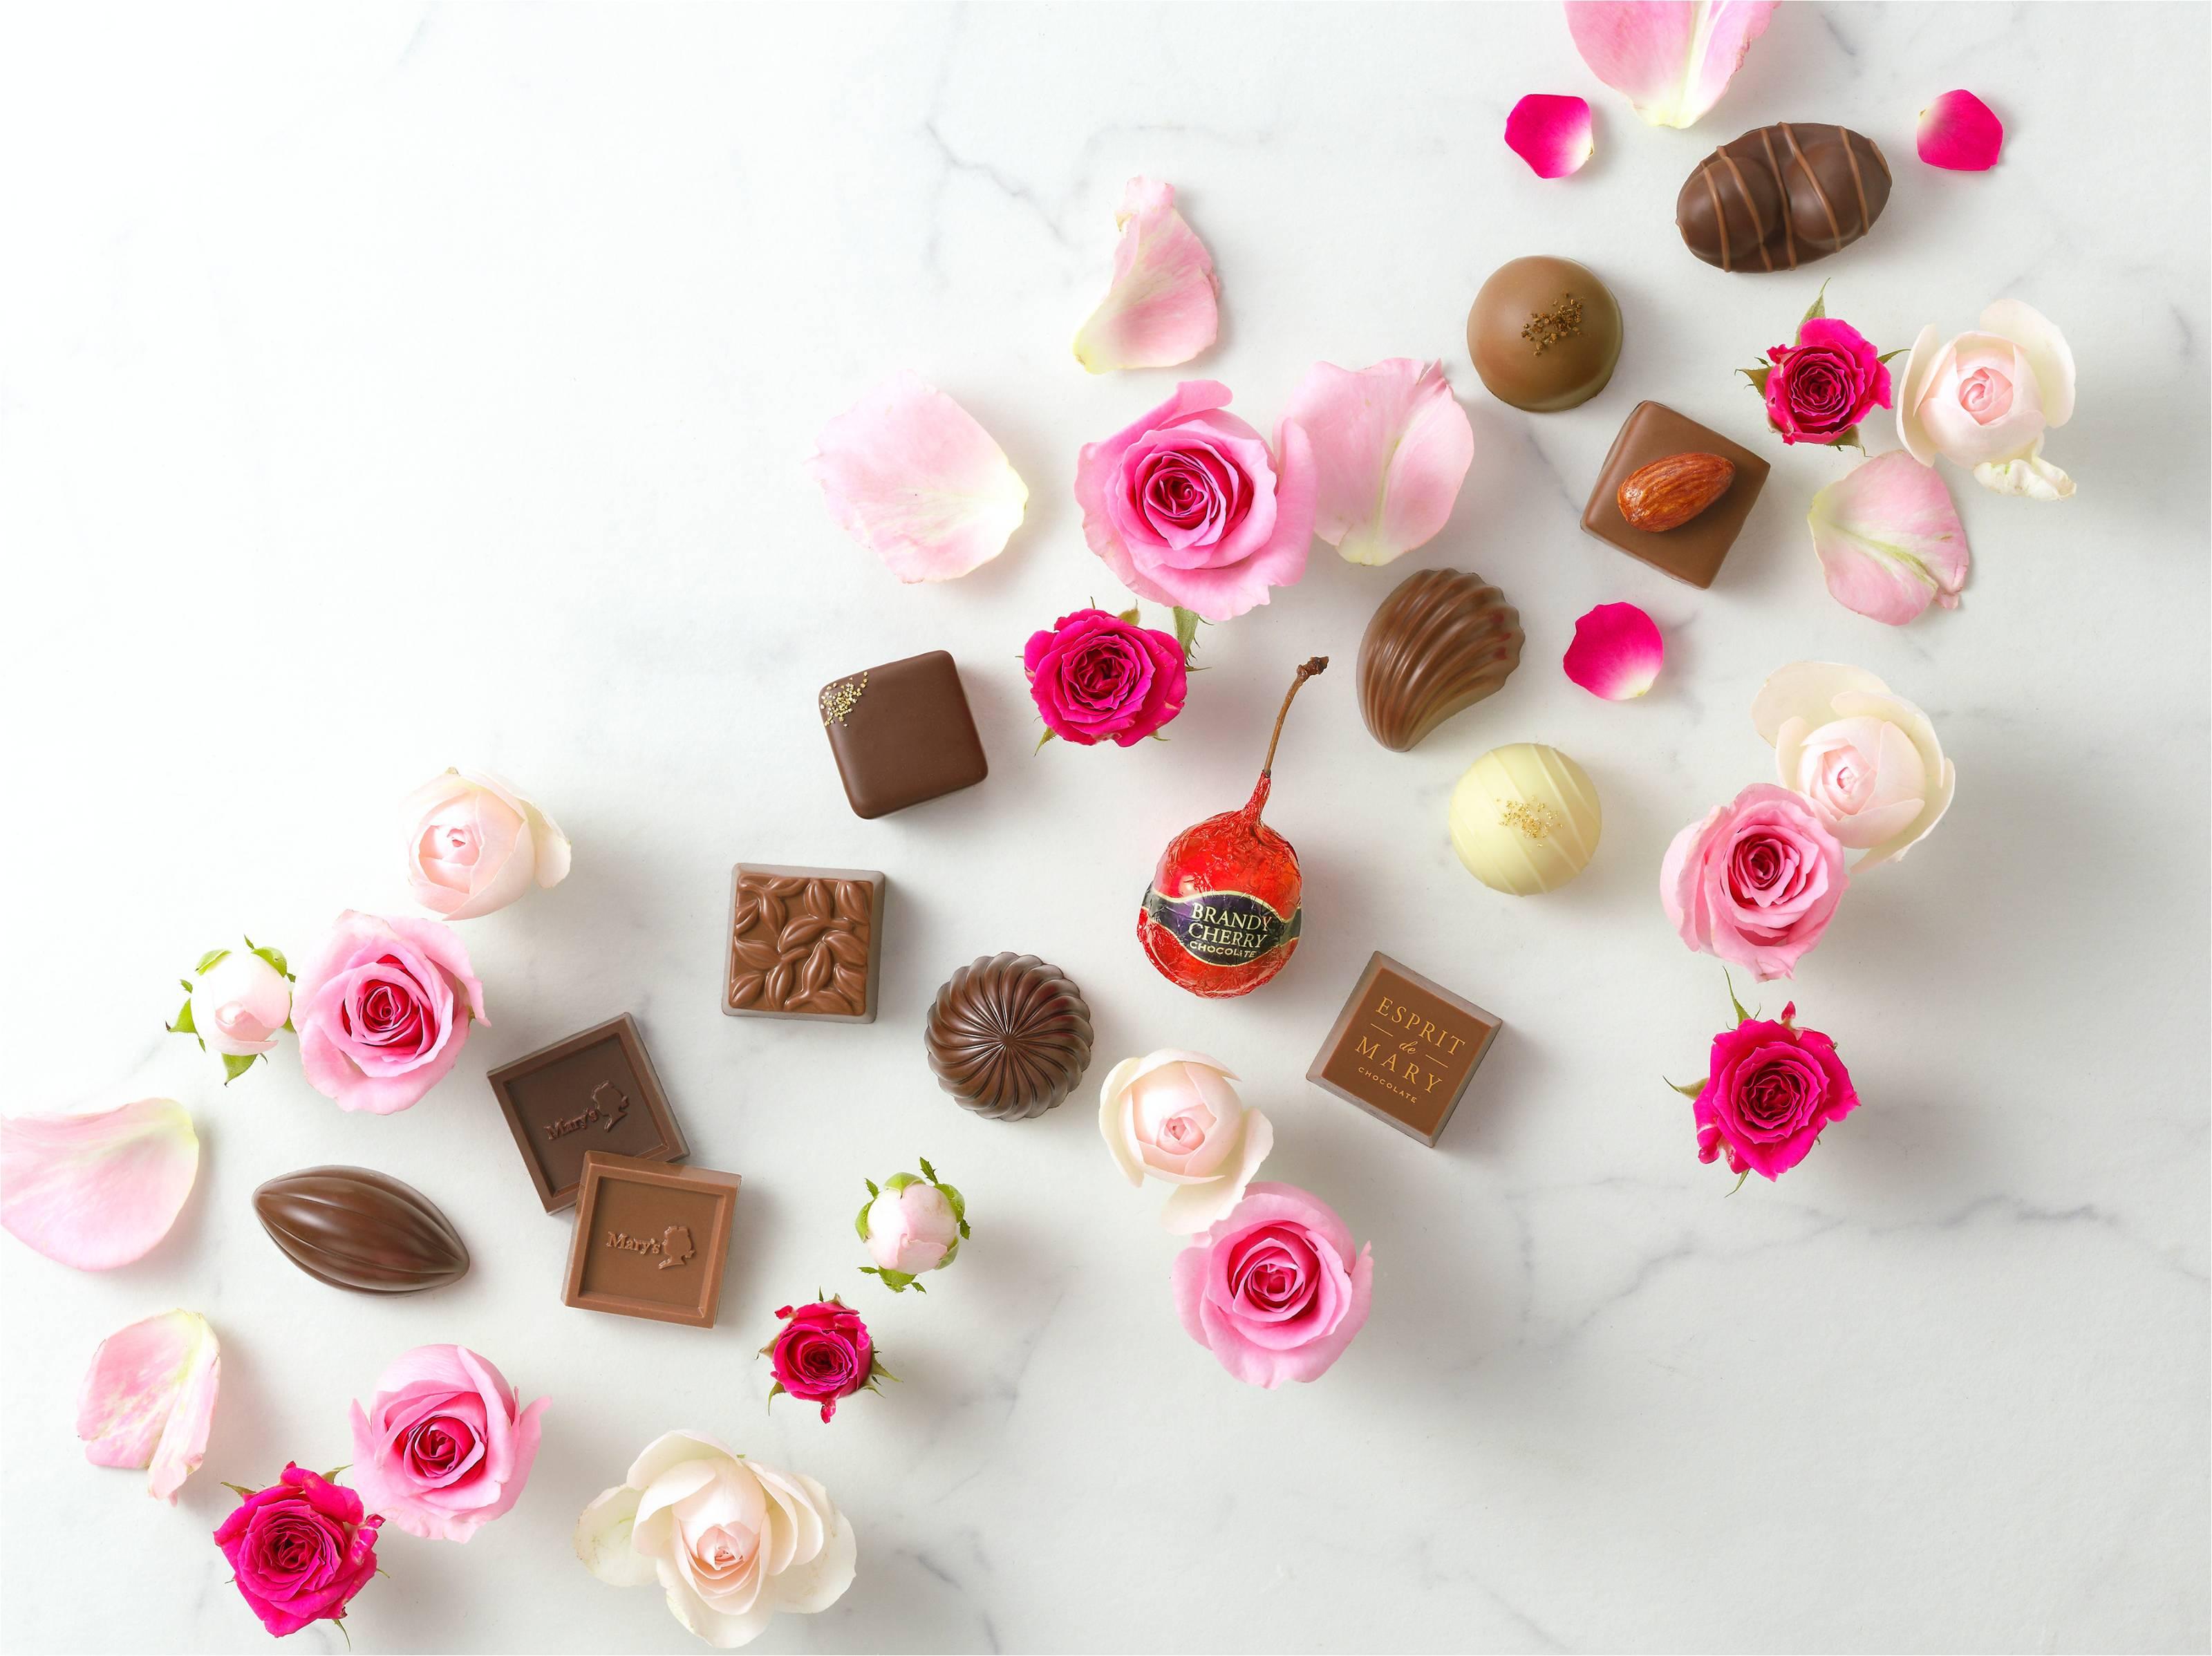 株式会社メリーチョコレートカムパニー